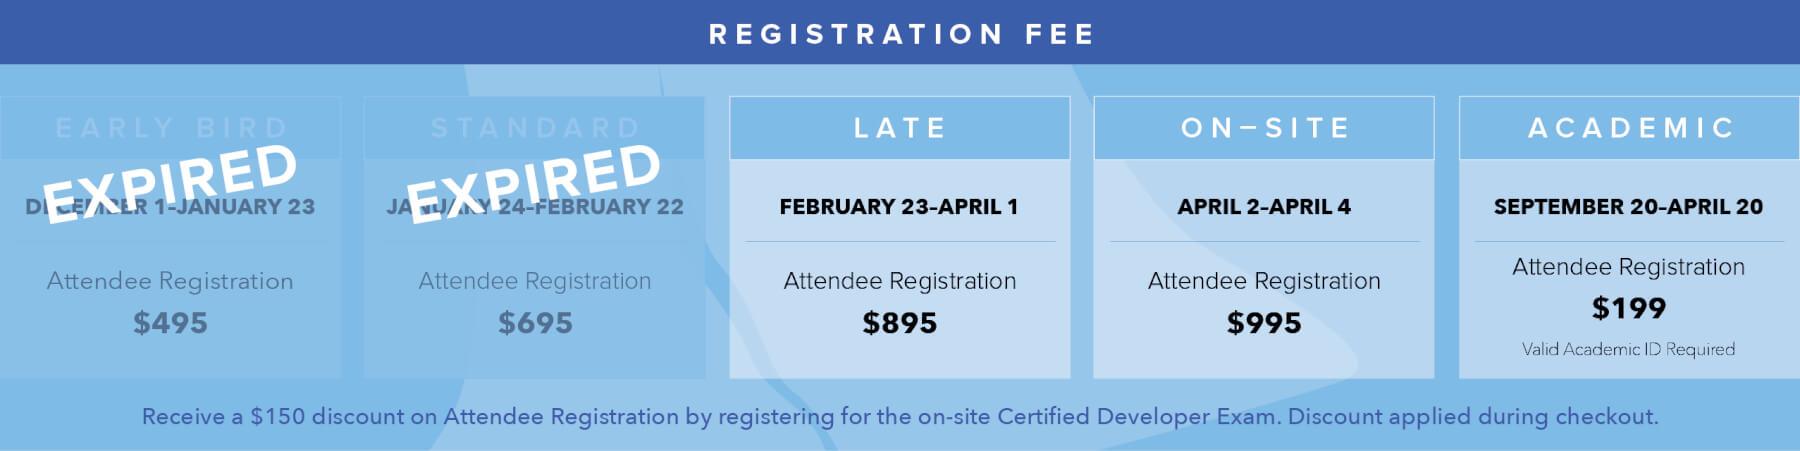 Cloud Foundry North America Summit 2019 Registration Fee